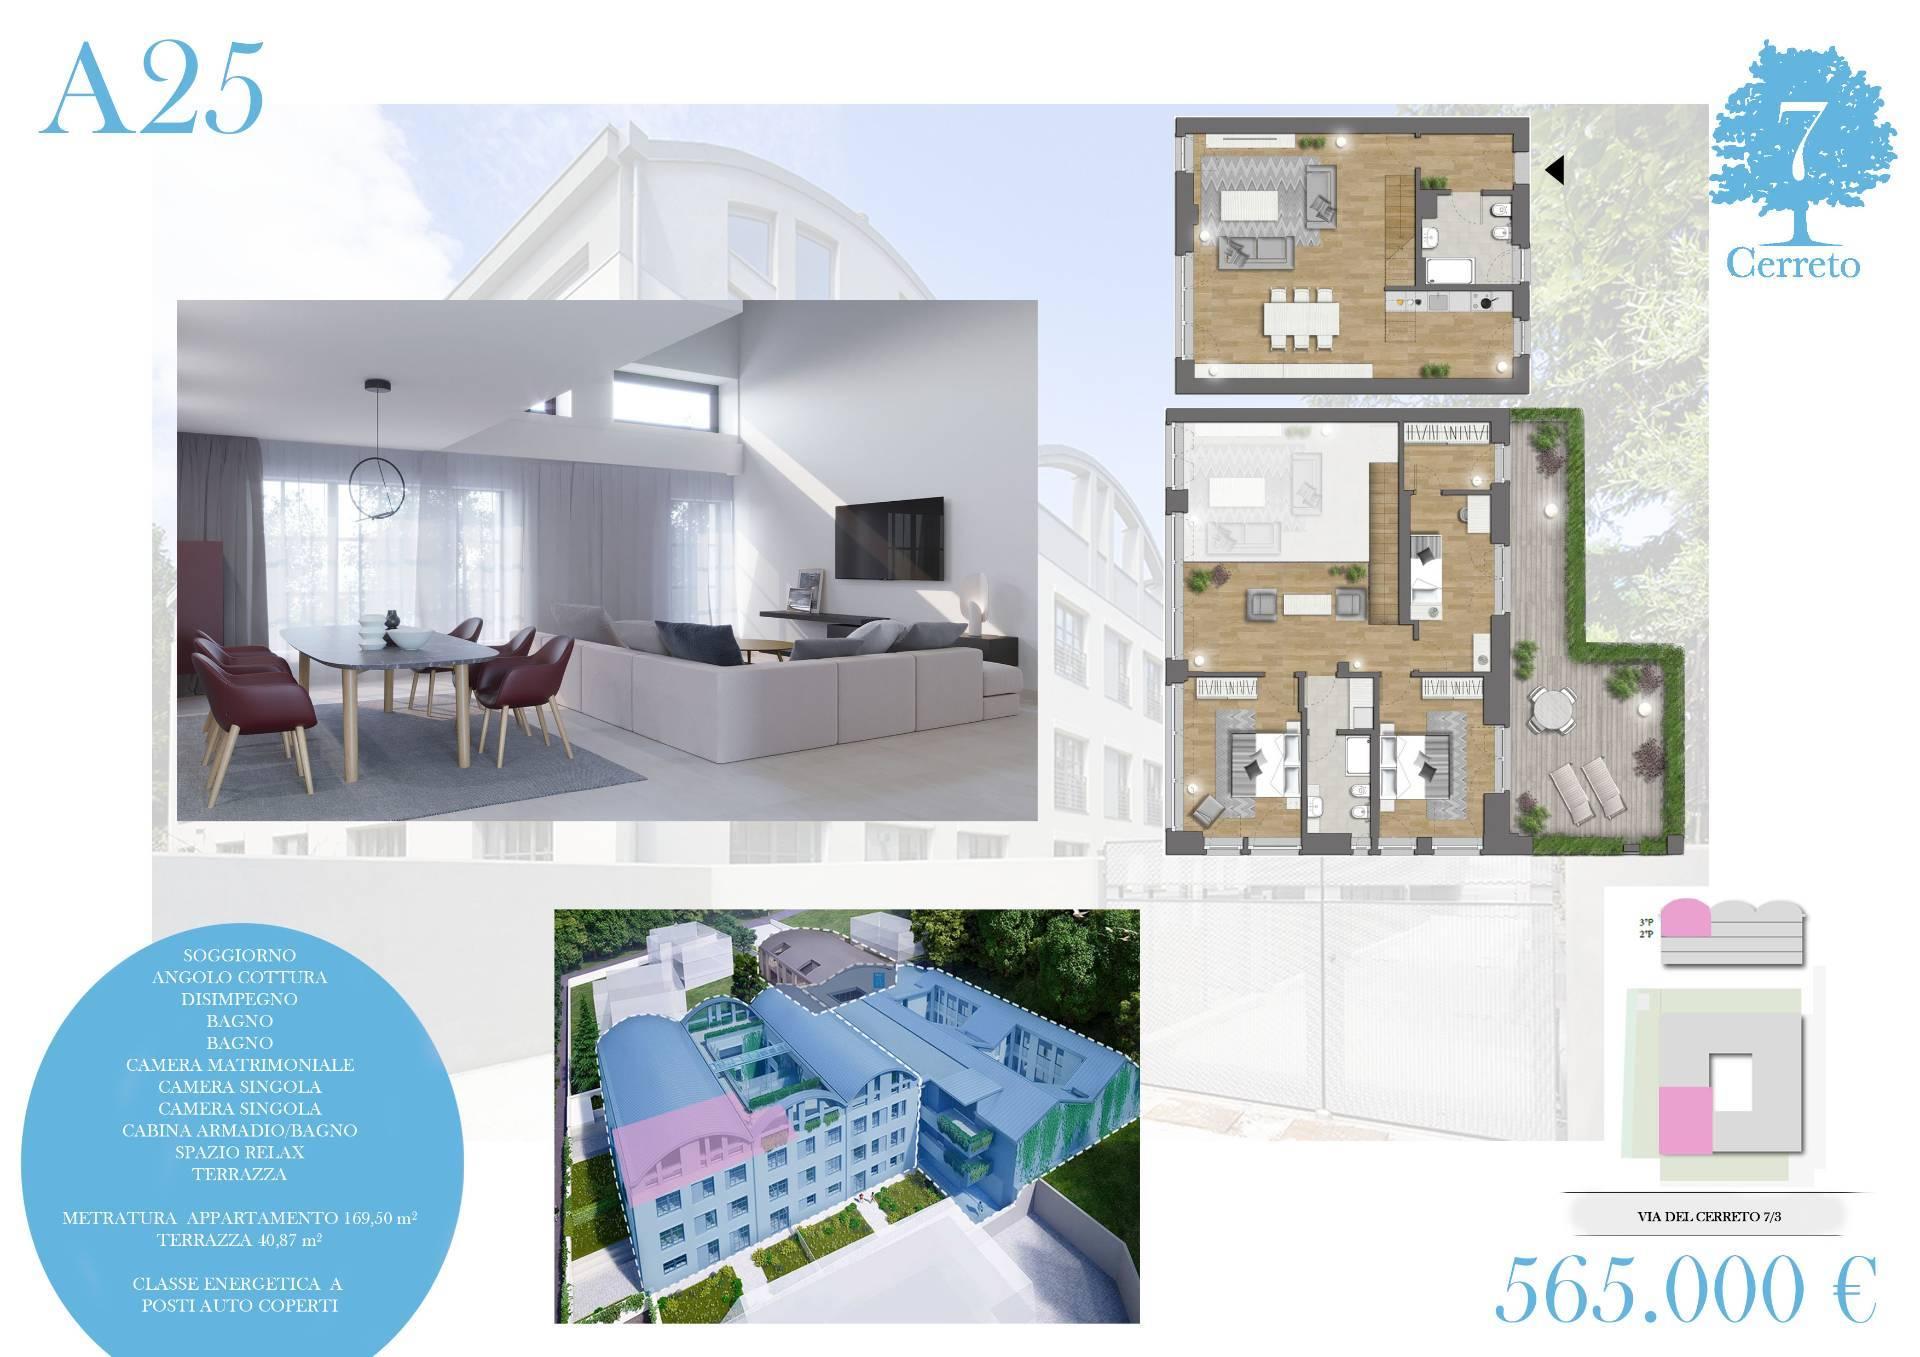 Appartamento in vendita a Trieste, 4 locali, zona Località: Zonedipregio, prezzo € 595.000 | CambioCasa.it